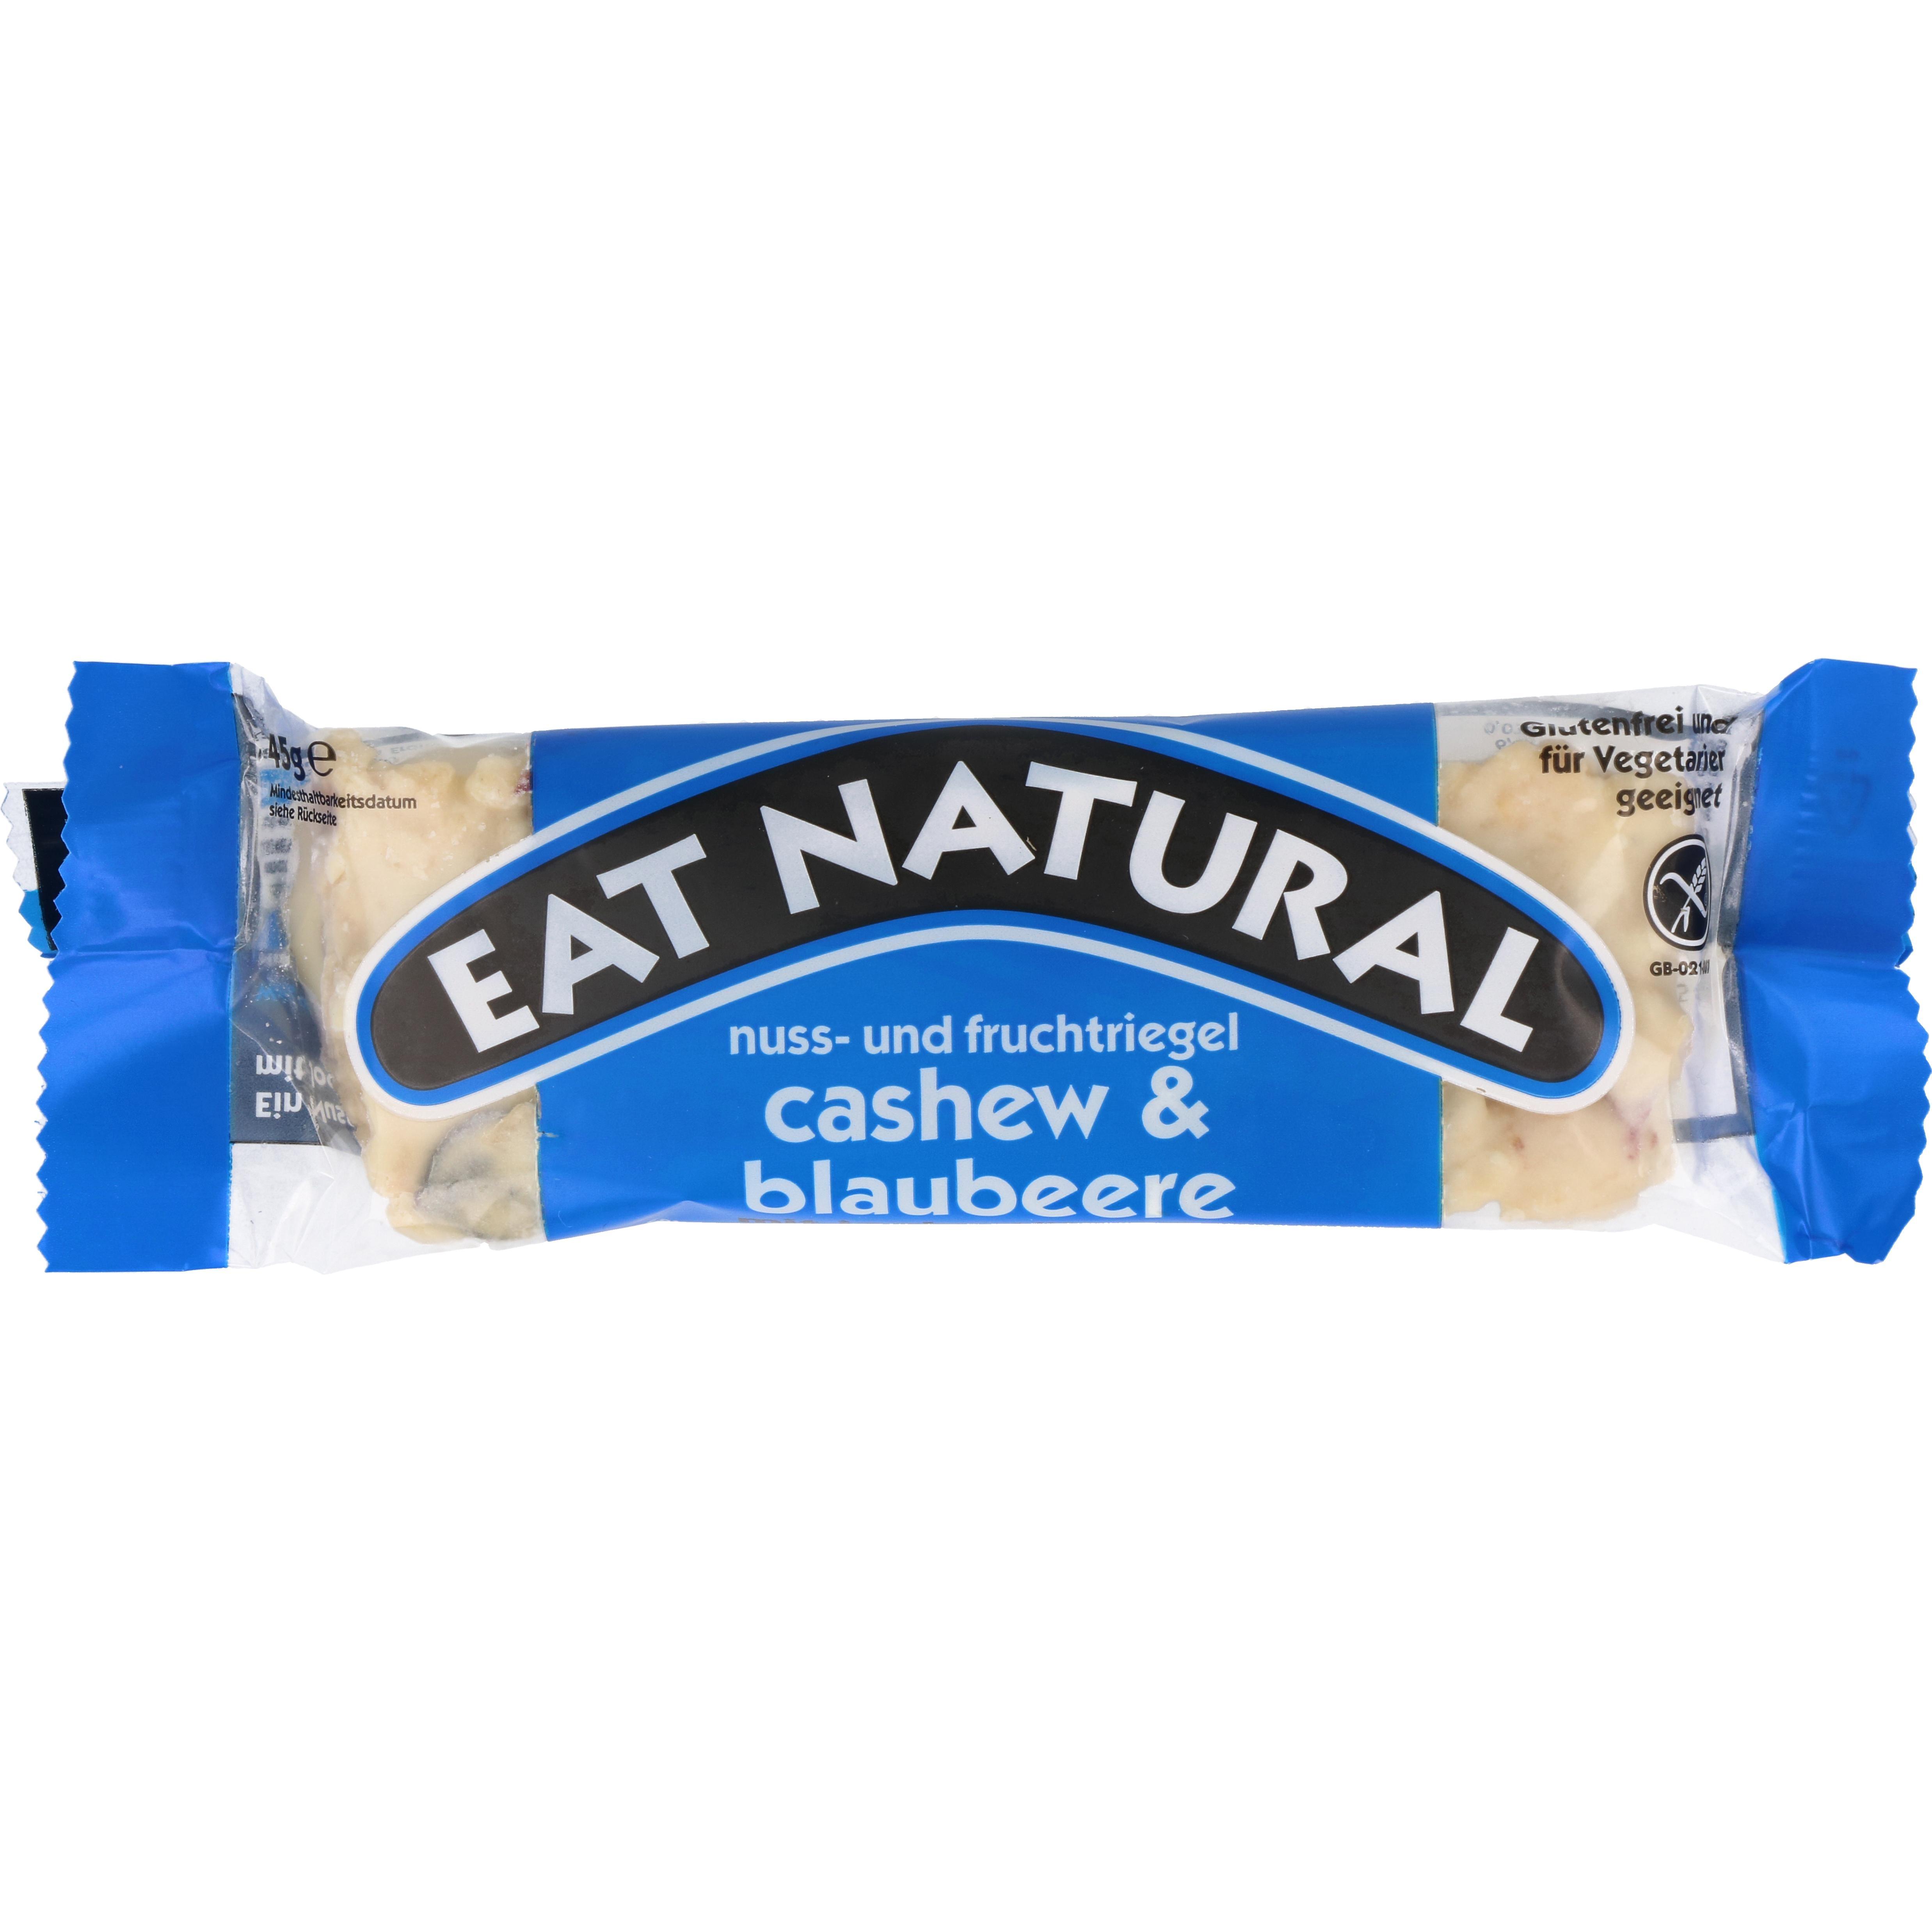 eat natural Nuss- & Fruchtriegel Cashewnuss & Blaubeere mit Joghurtüberzug 45g